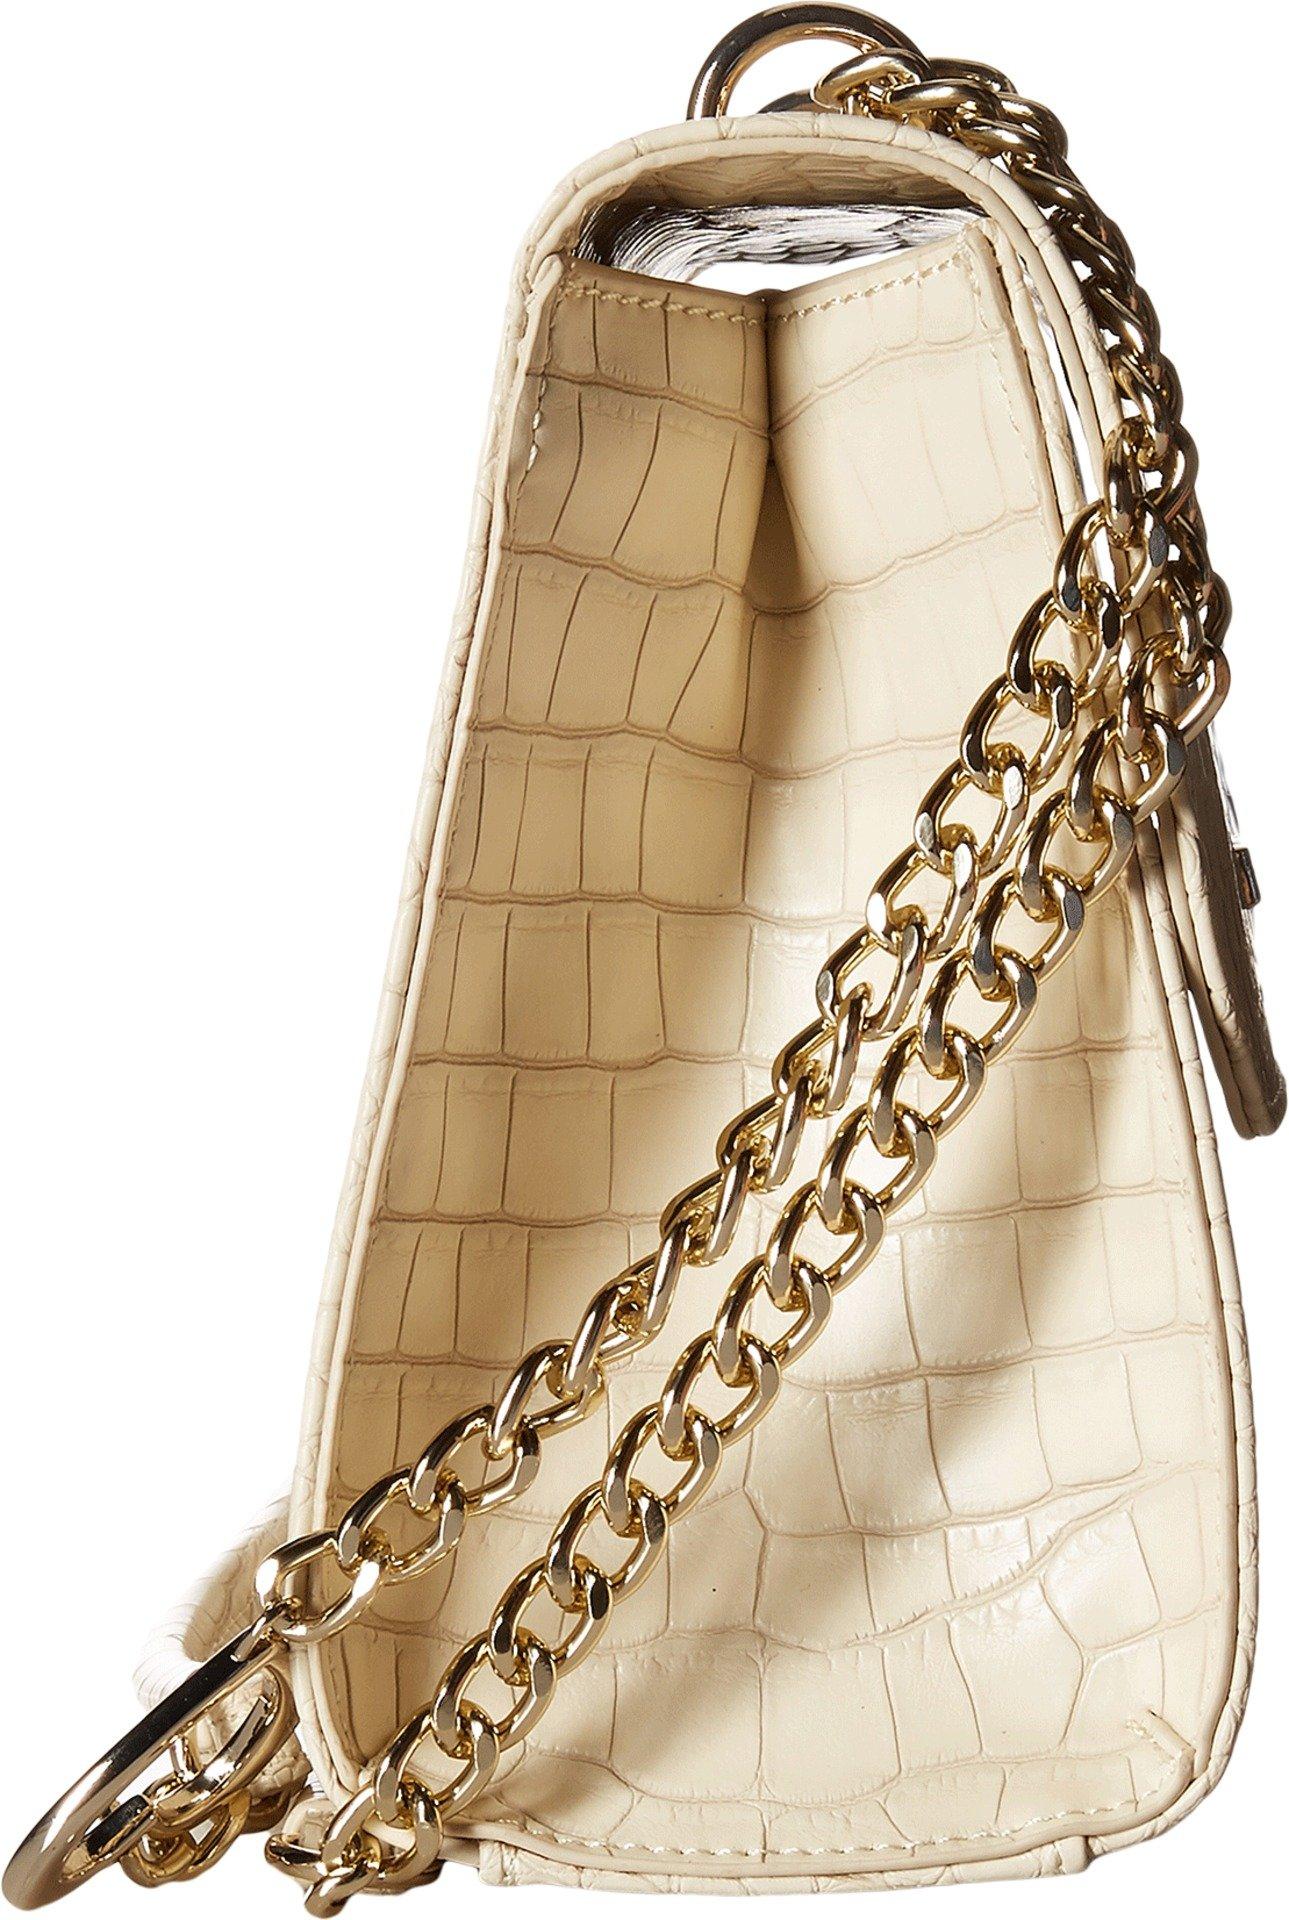 LOVE Moschino Women's Croco Pu Shoulder Bag White Handbag by Love Moschino (Image #3)